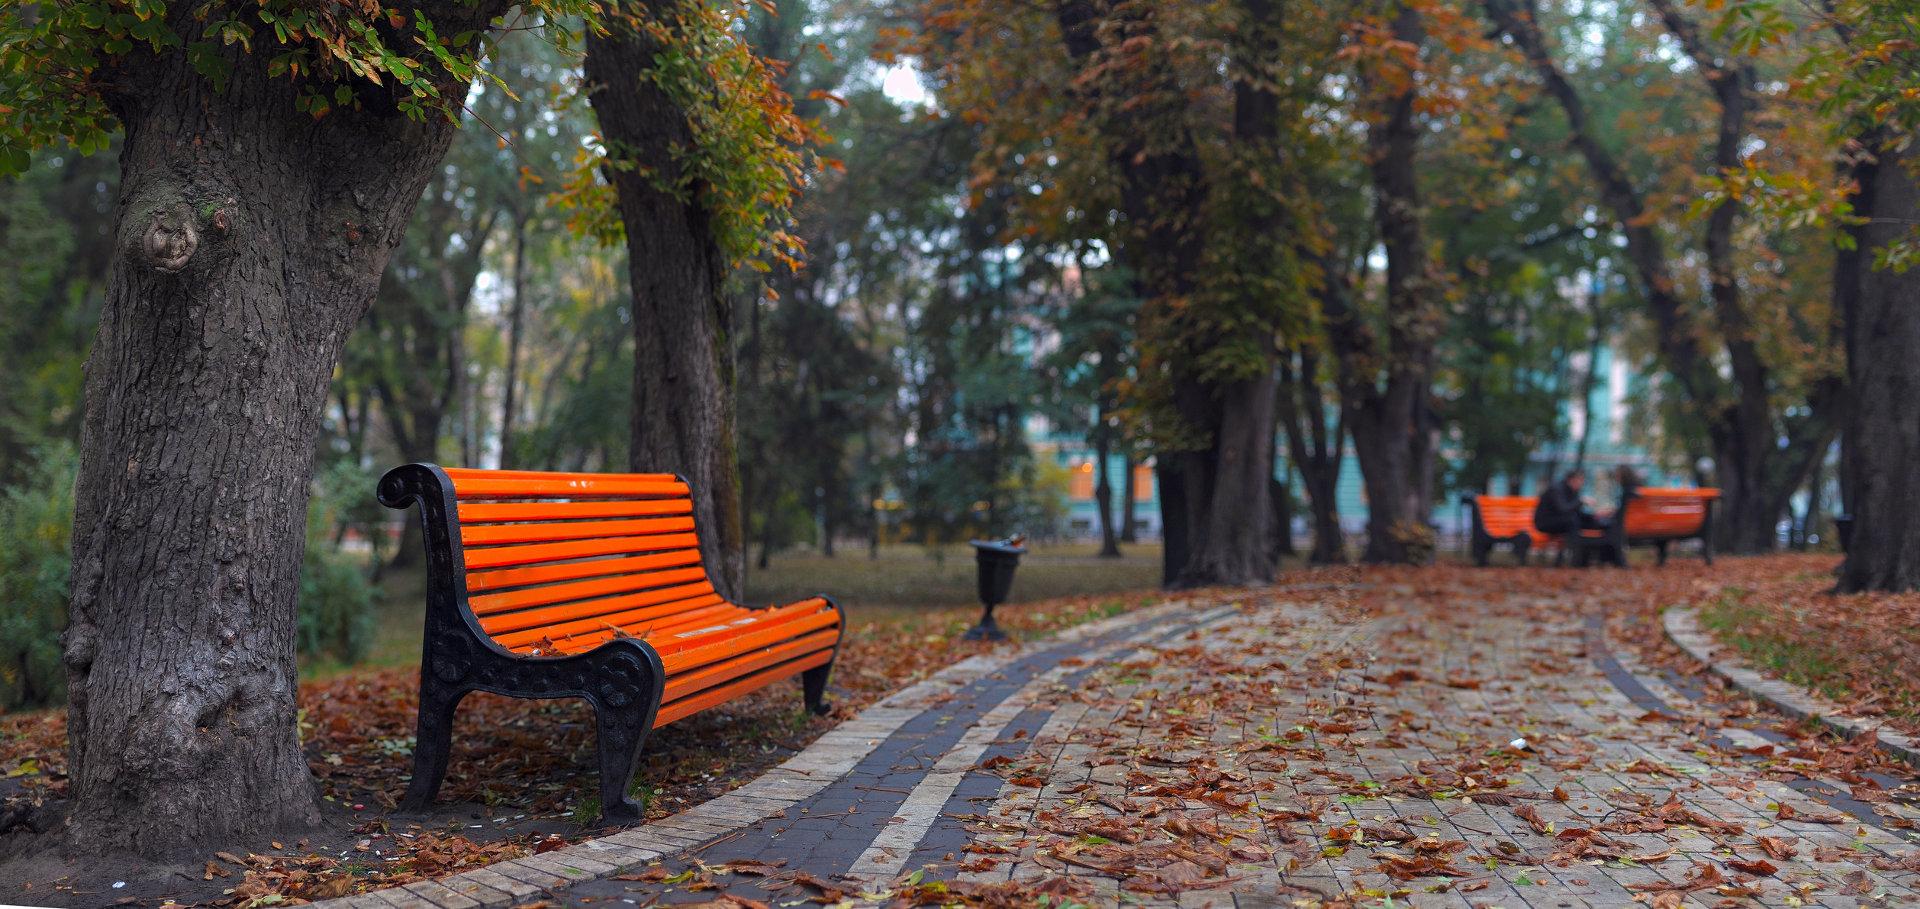 BENCHES IN CITY PARK © Sergey Zavalnyuk   Dreamstime.com